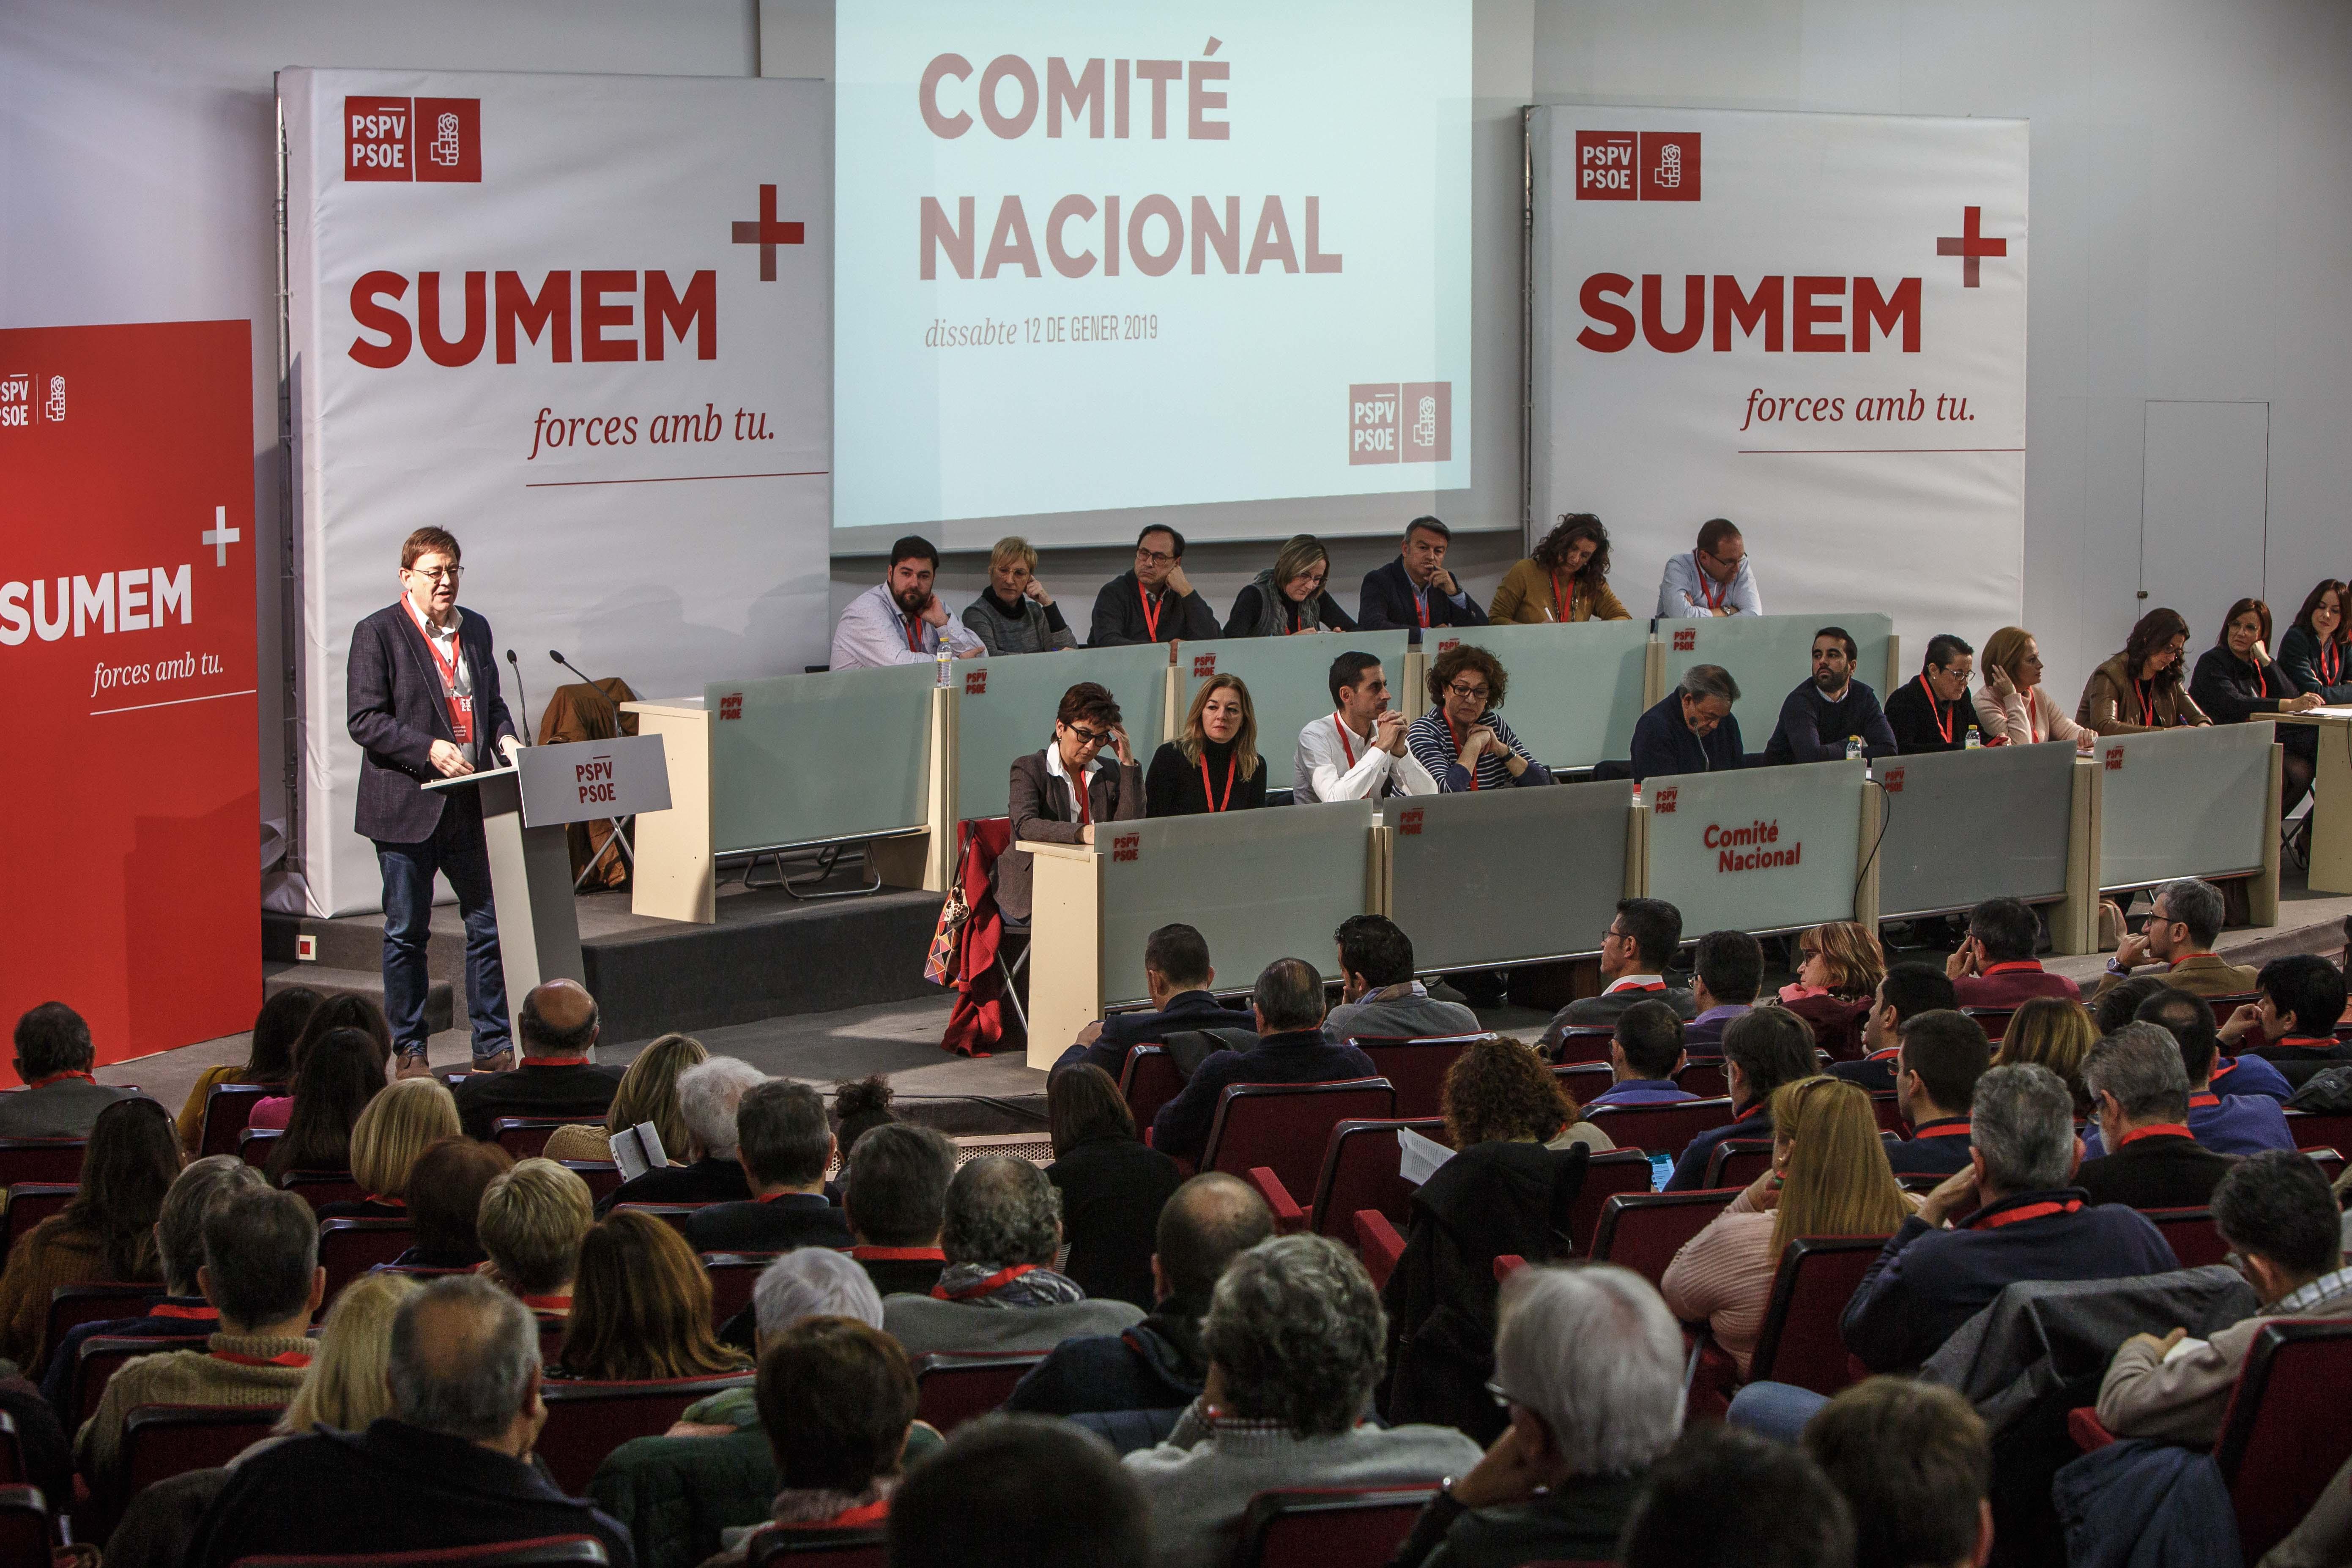 """Ximo Puig: """"Aquí el cambio somos nosotros. No queremos volver de donde salimos huyendo de la corrupción, de la desigualdad y del despilfarro"""""""